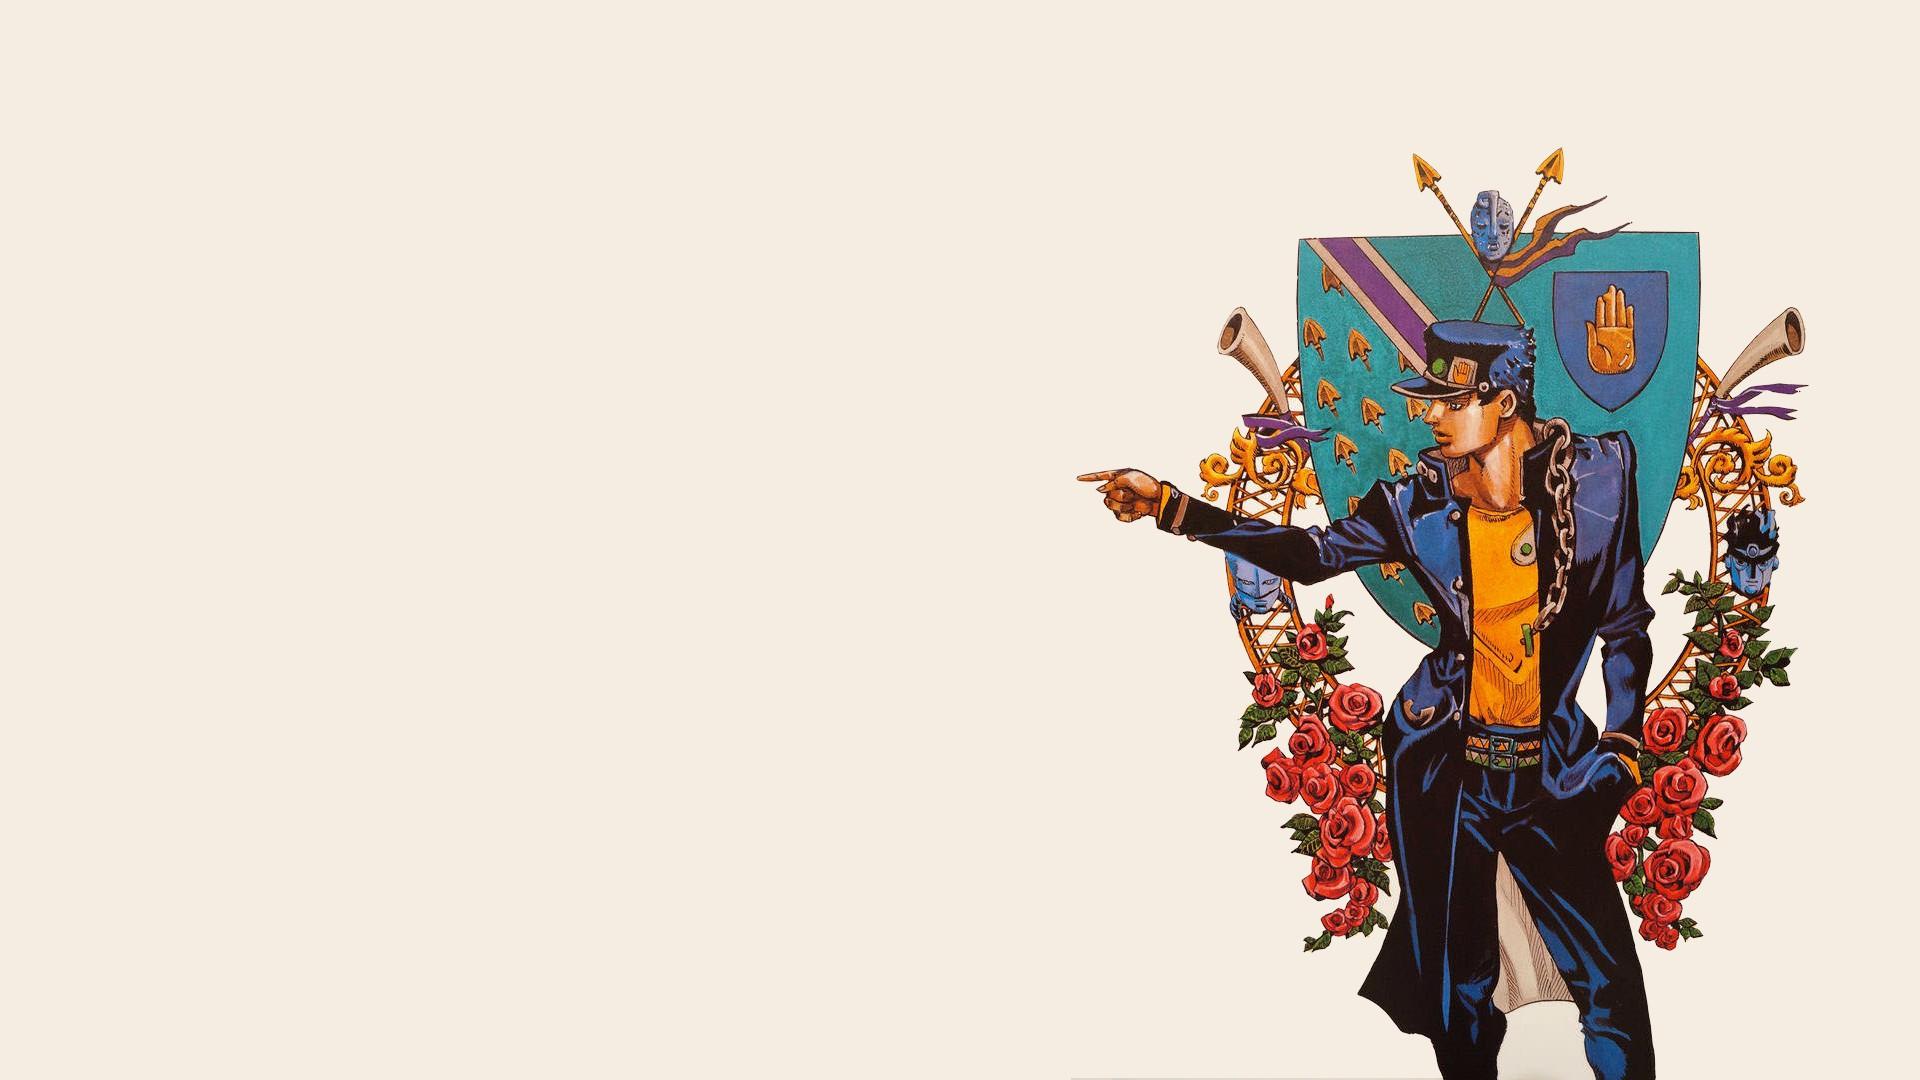 Wallpaper : 1920x1080 px, Jojo, JoJos Bizarre Adventure ...